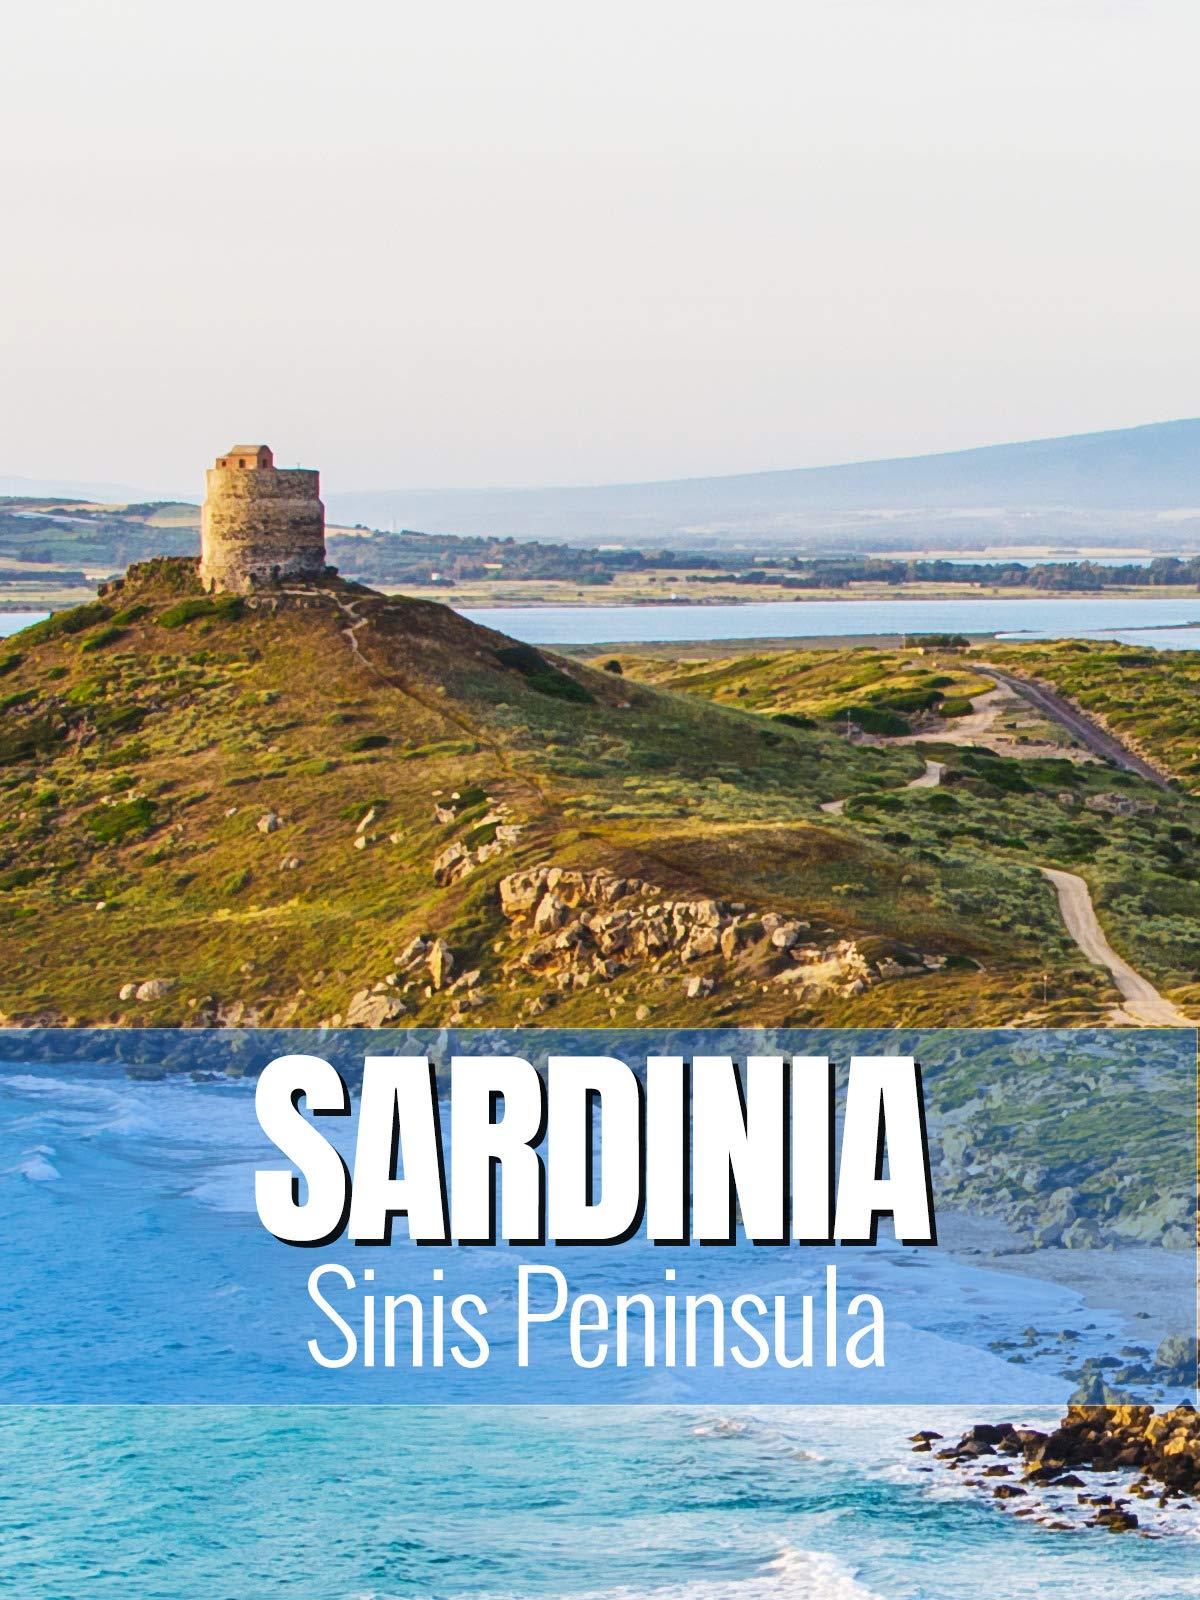 Sardinia - Sinis Peninsula